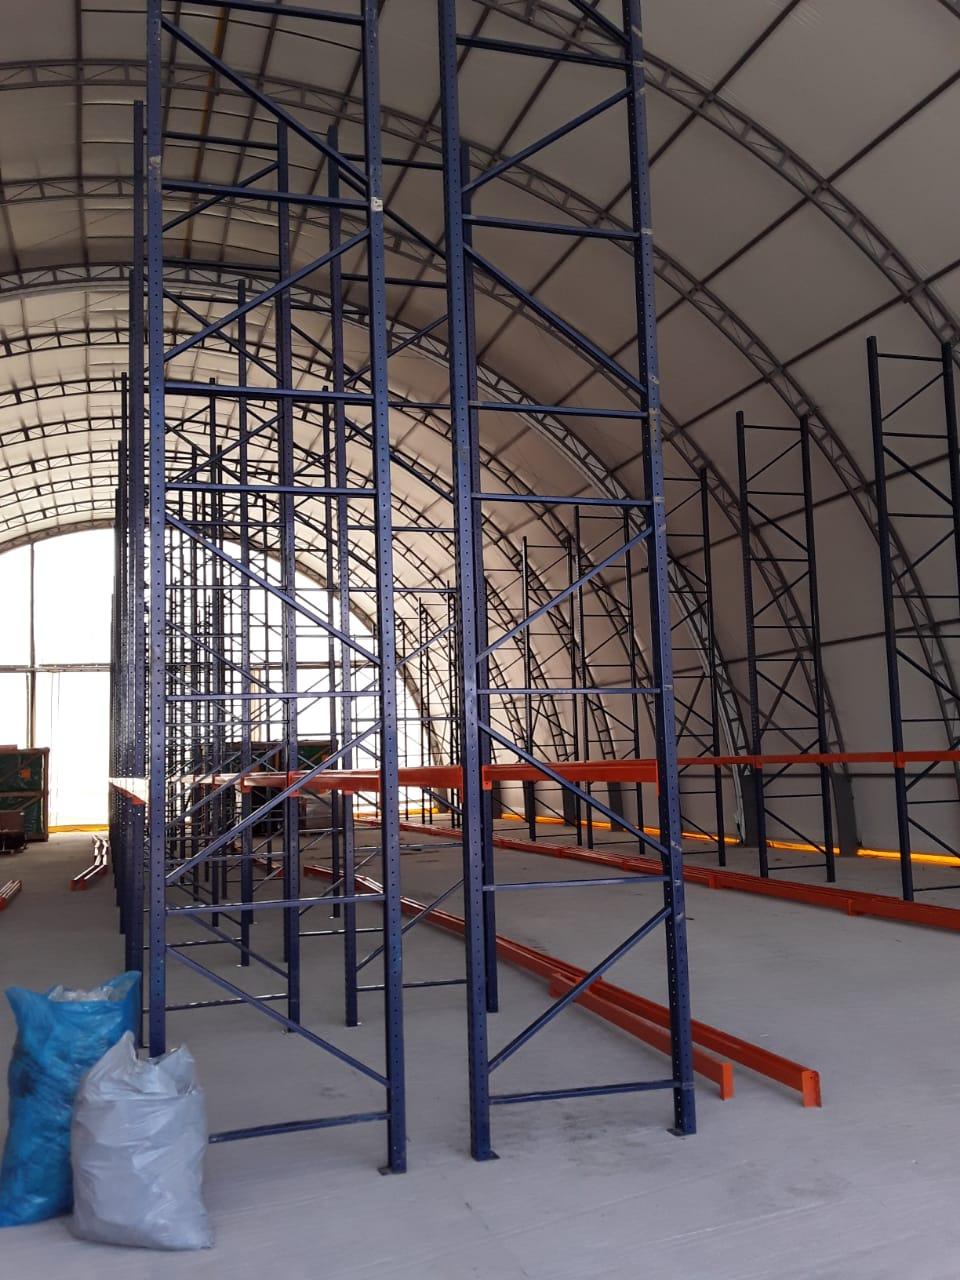 estanteria metalica industrial Pesada para ecobodegas ecopetrol solmetal (2)